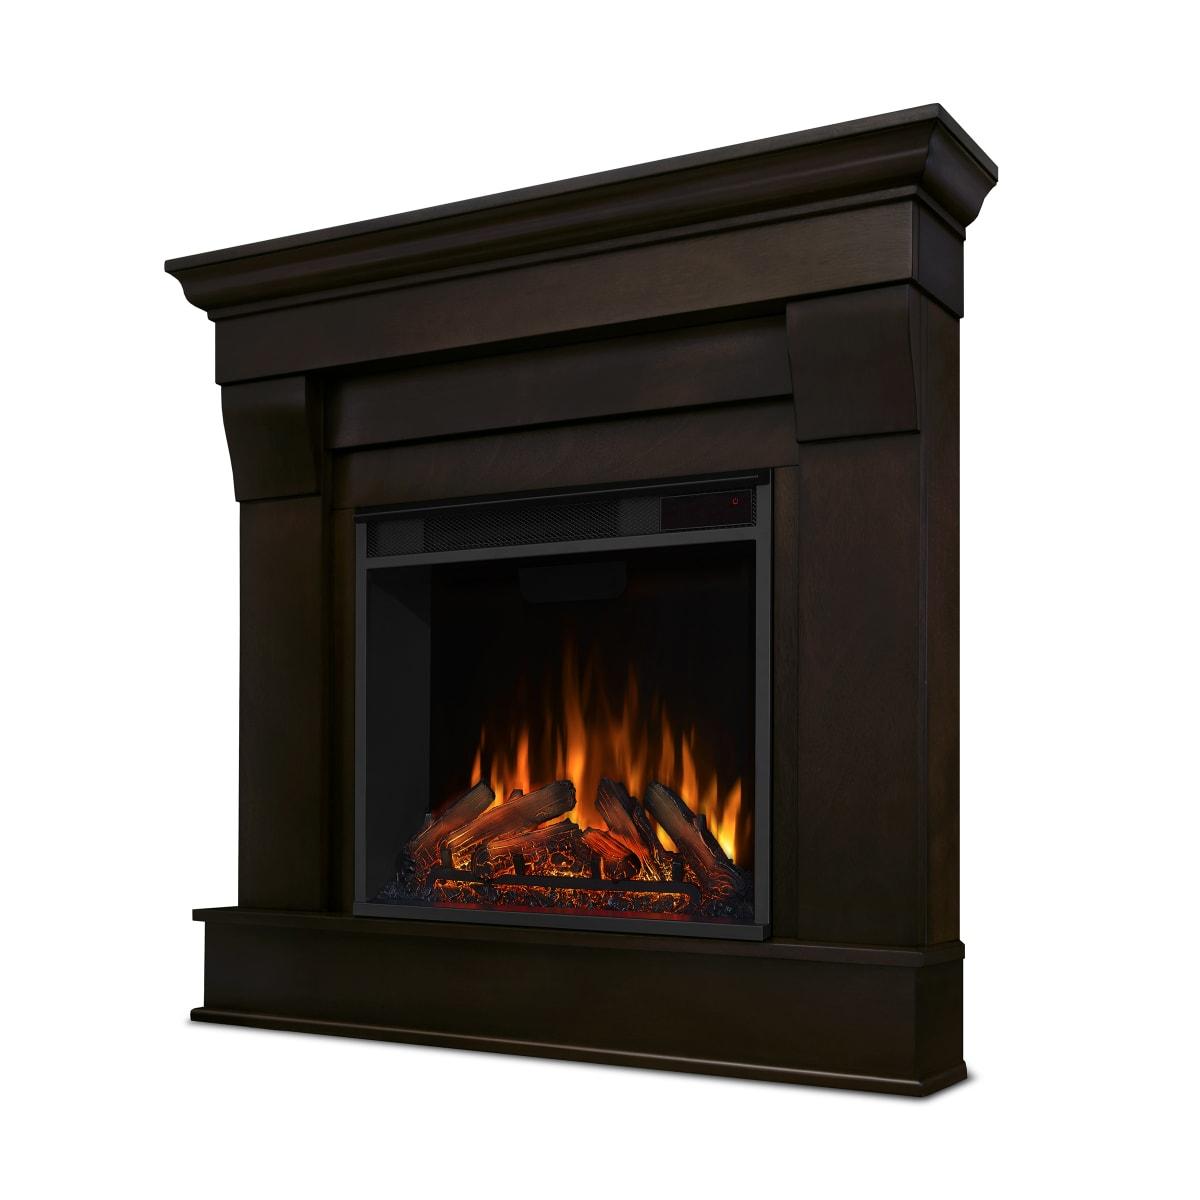 Real Flame 5950e Dw Chateau 4 780 Btu 1 500w Build Com